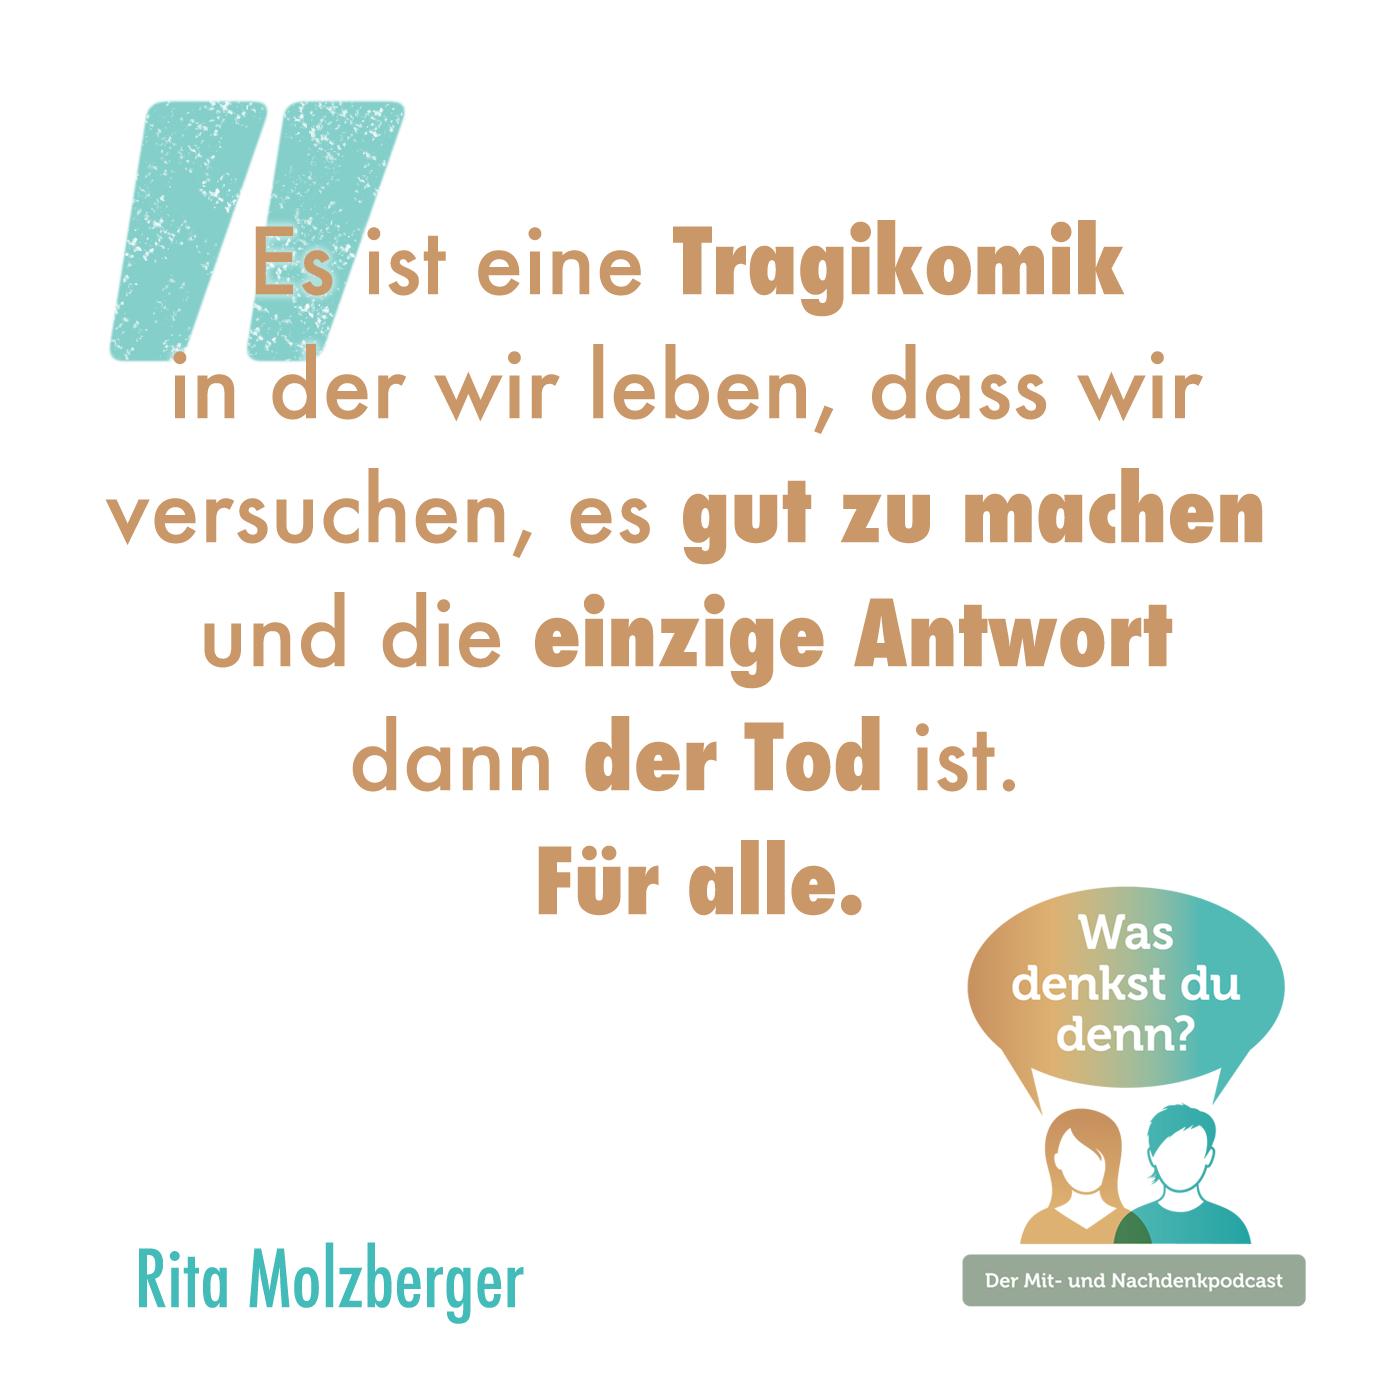 Zitat von Rita: Es ist eine Tragikomik in der wir leben, dass wir versuchen, es gut zu machen und die einzige Antwort dann der Tod ist. Für alle.